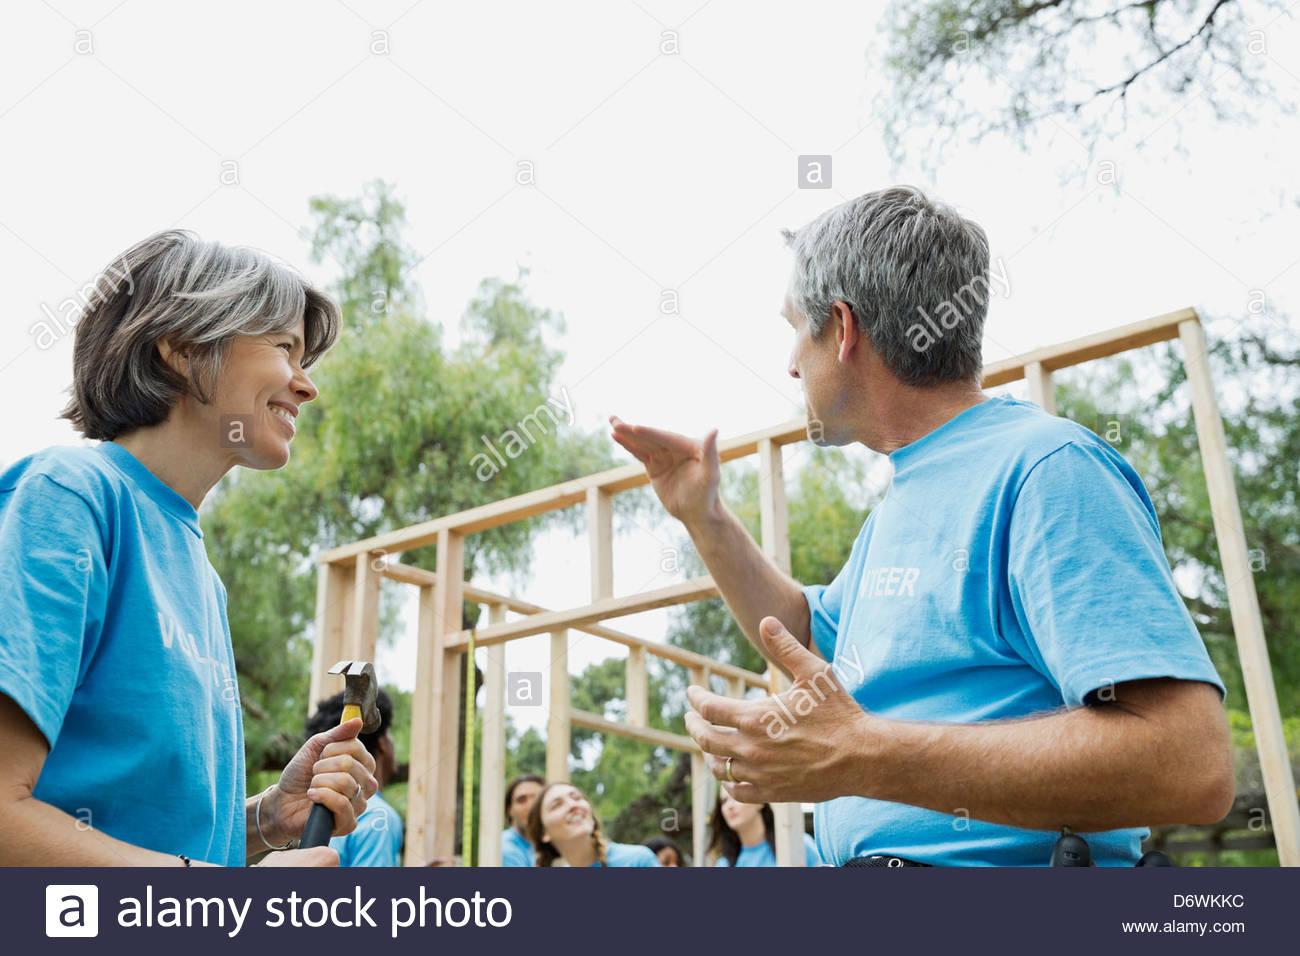 Reifer Mann und Frau im Gespräch, während Freiwillige Holzrahmen im Hintergrund bauen Stockbild